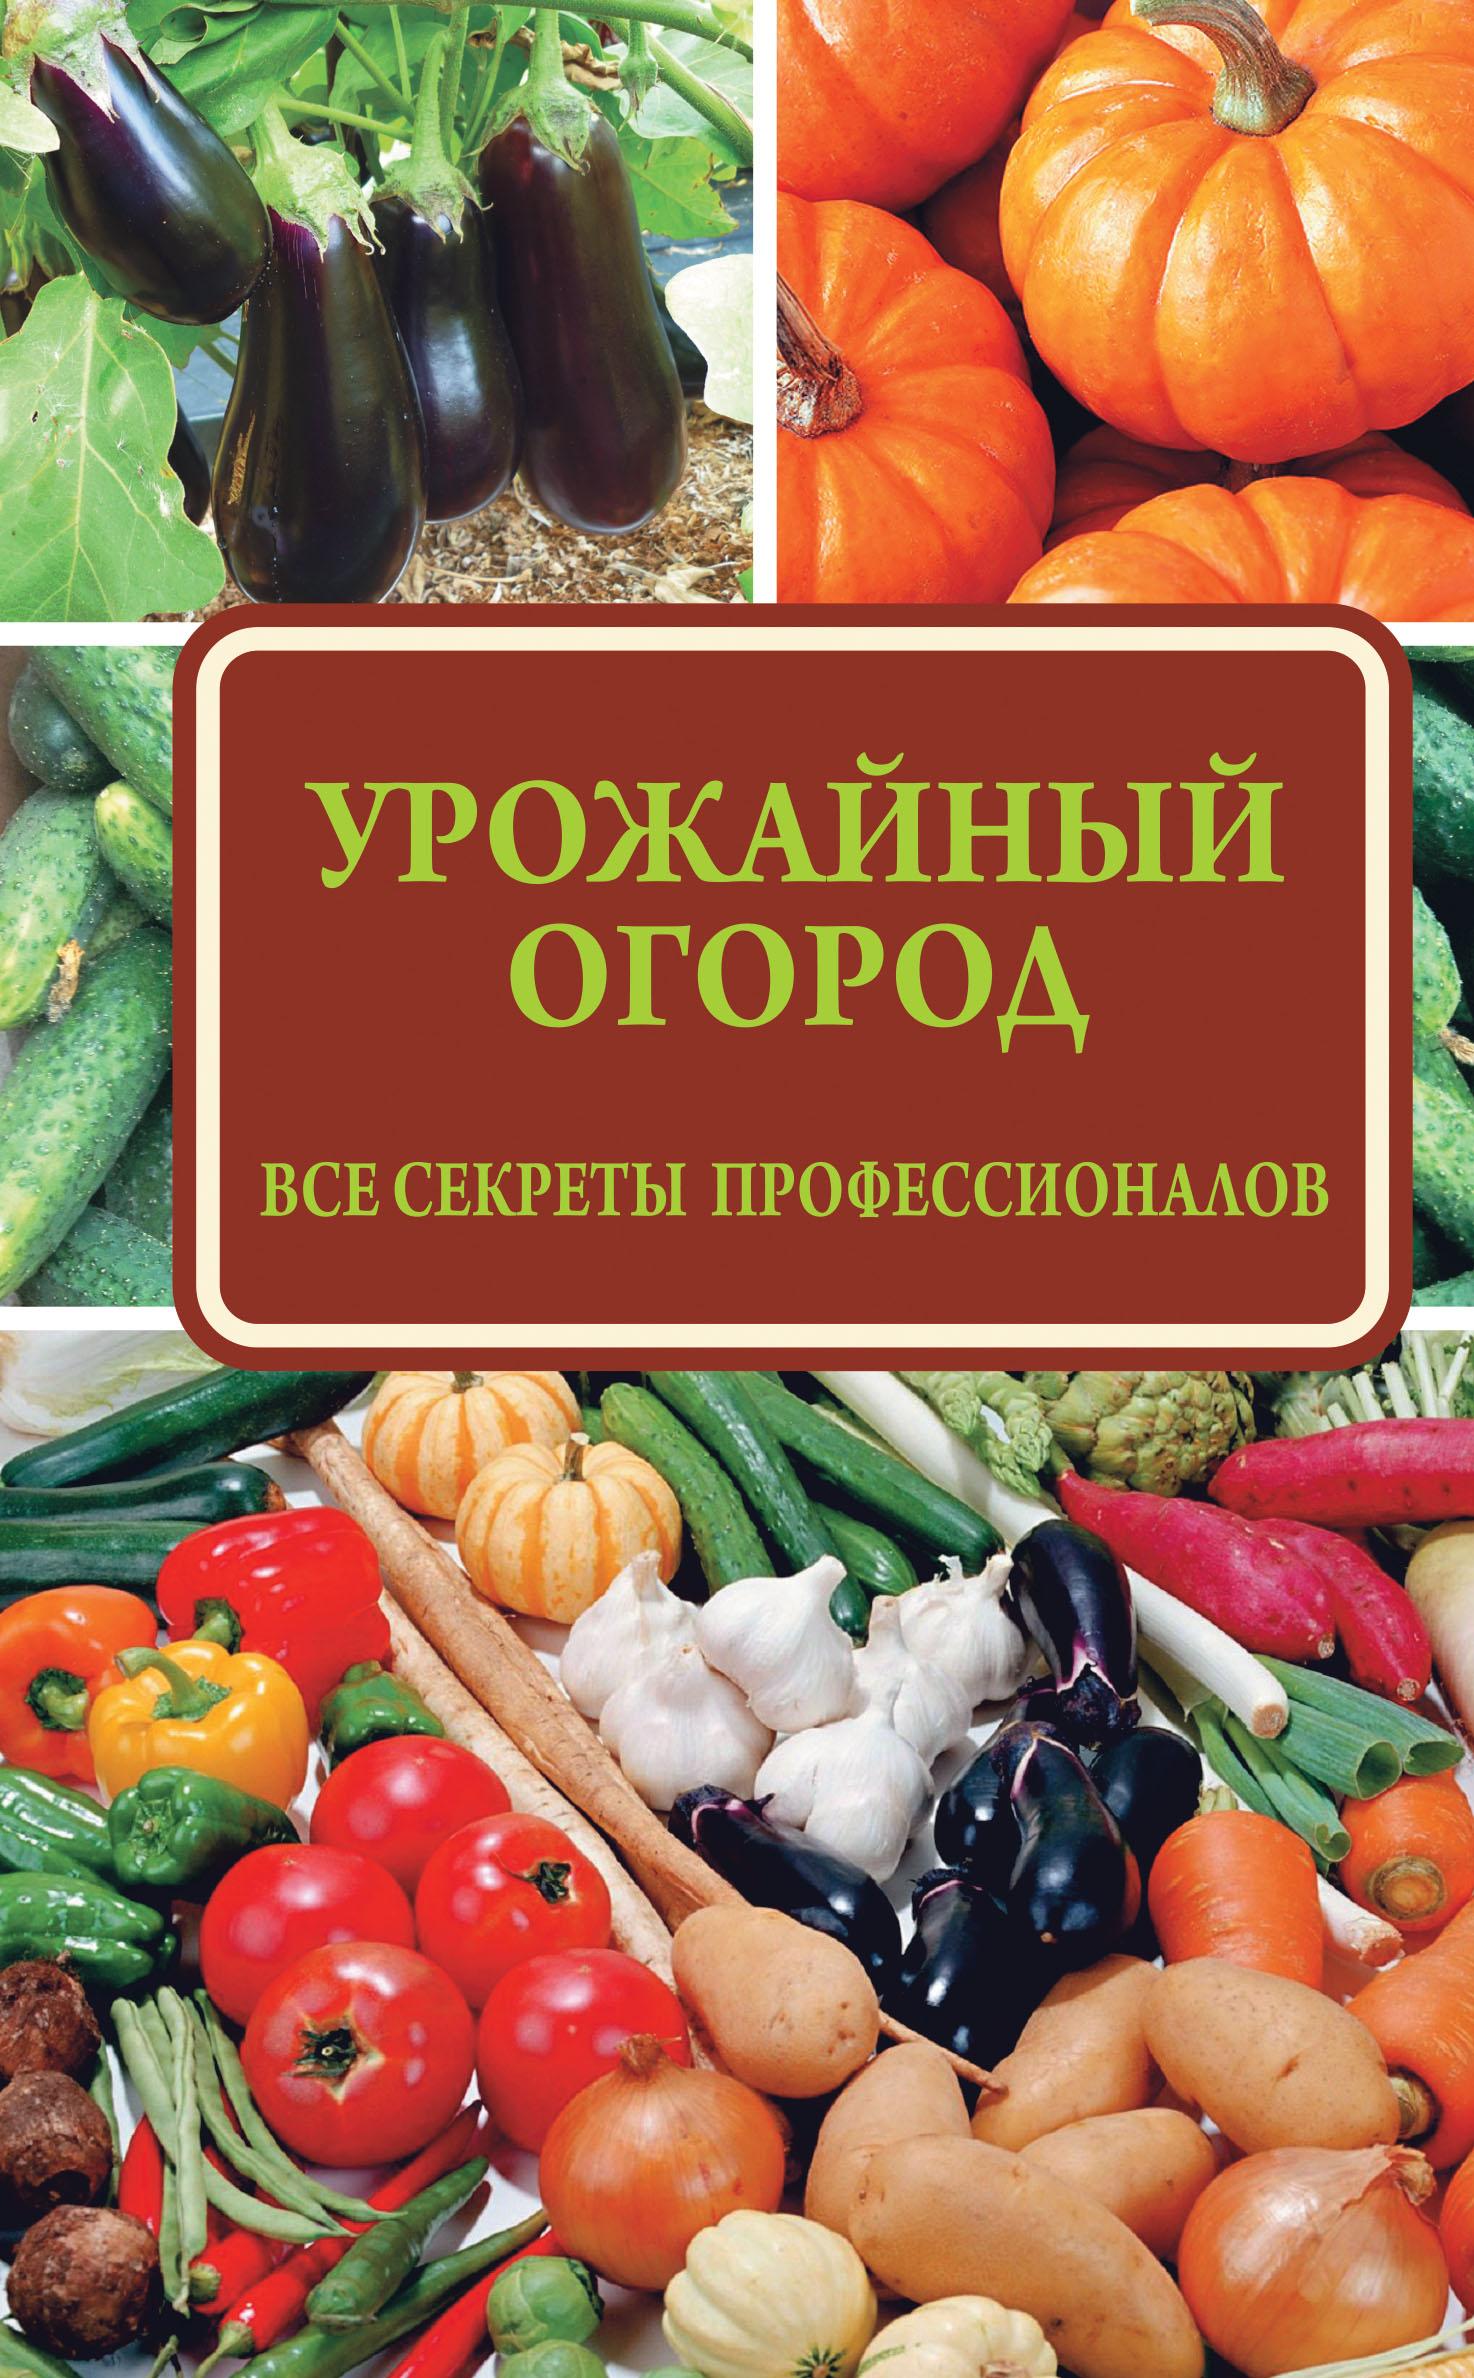 Севостьянова Н.Н. Урожайный огород самые дешевые семена овощей купить по украине